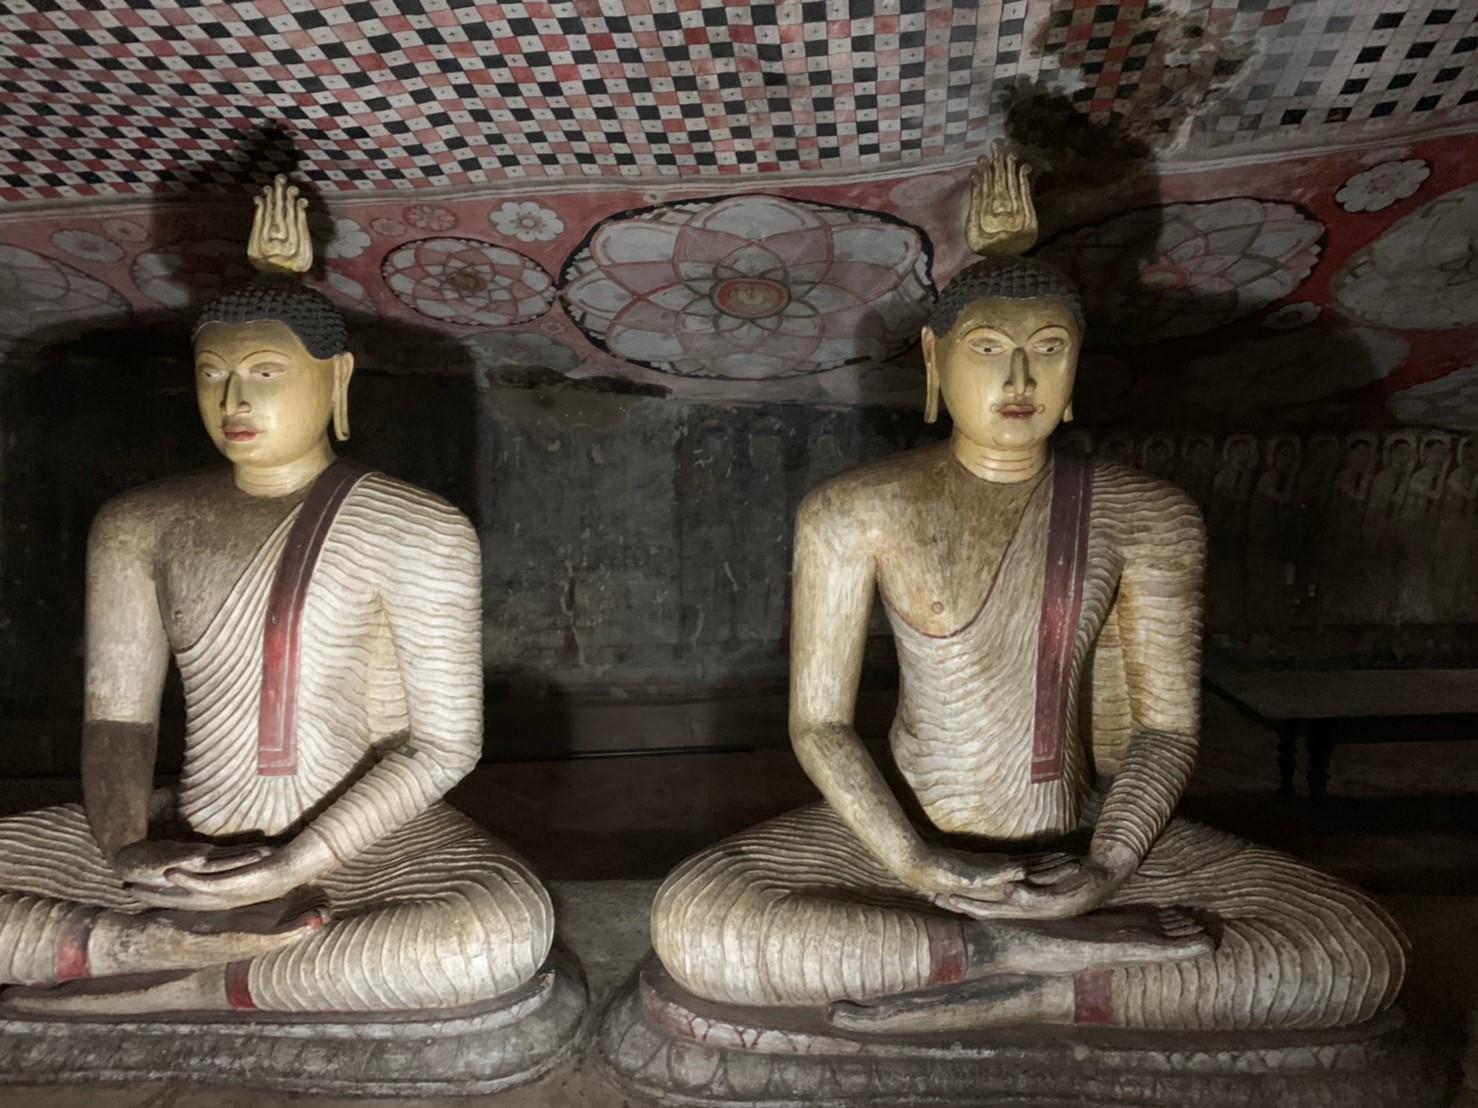 ダンブッラ石窟寺院第3窟の仏像